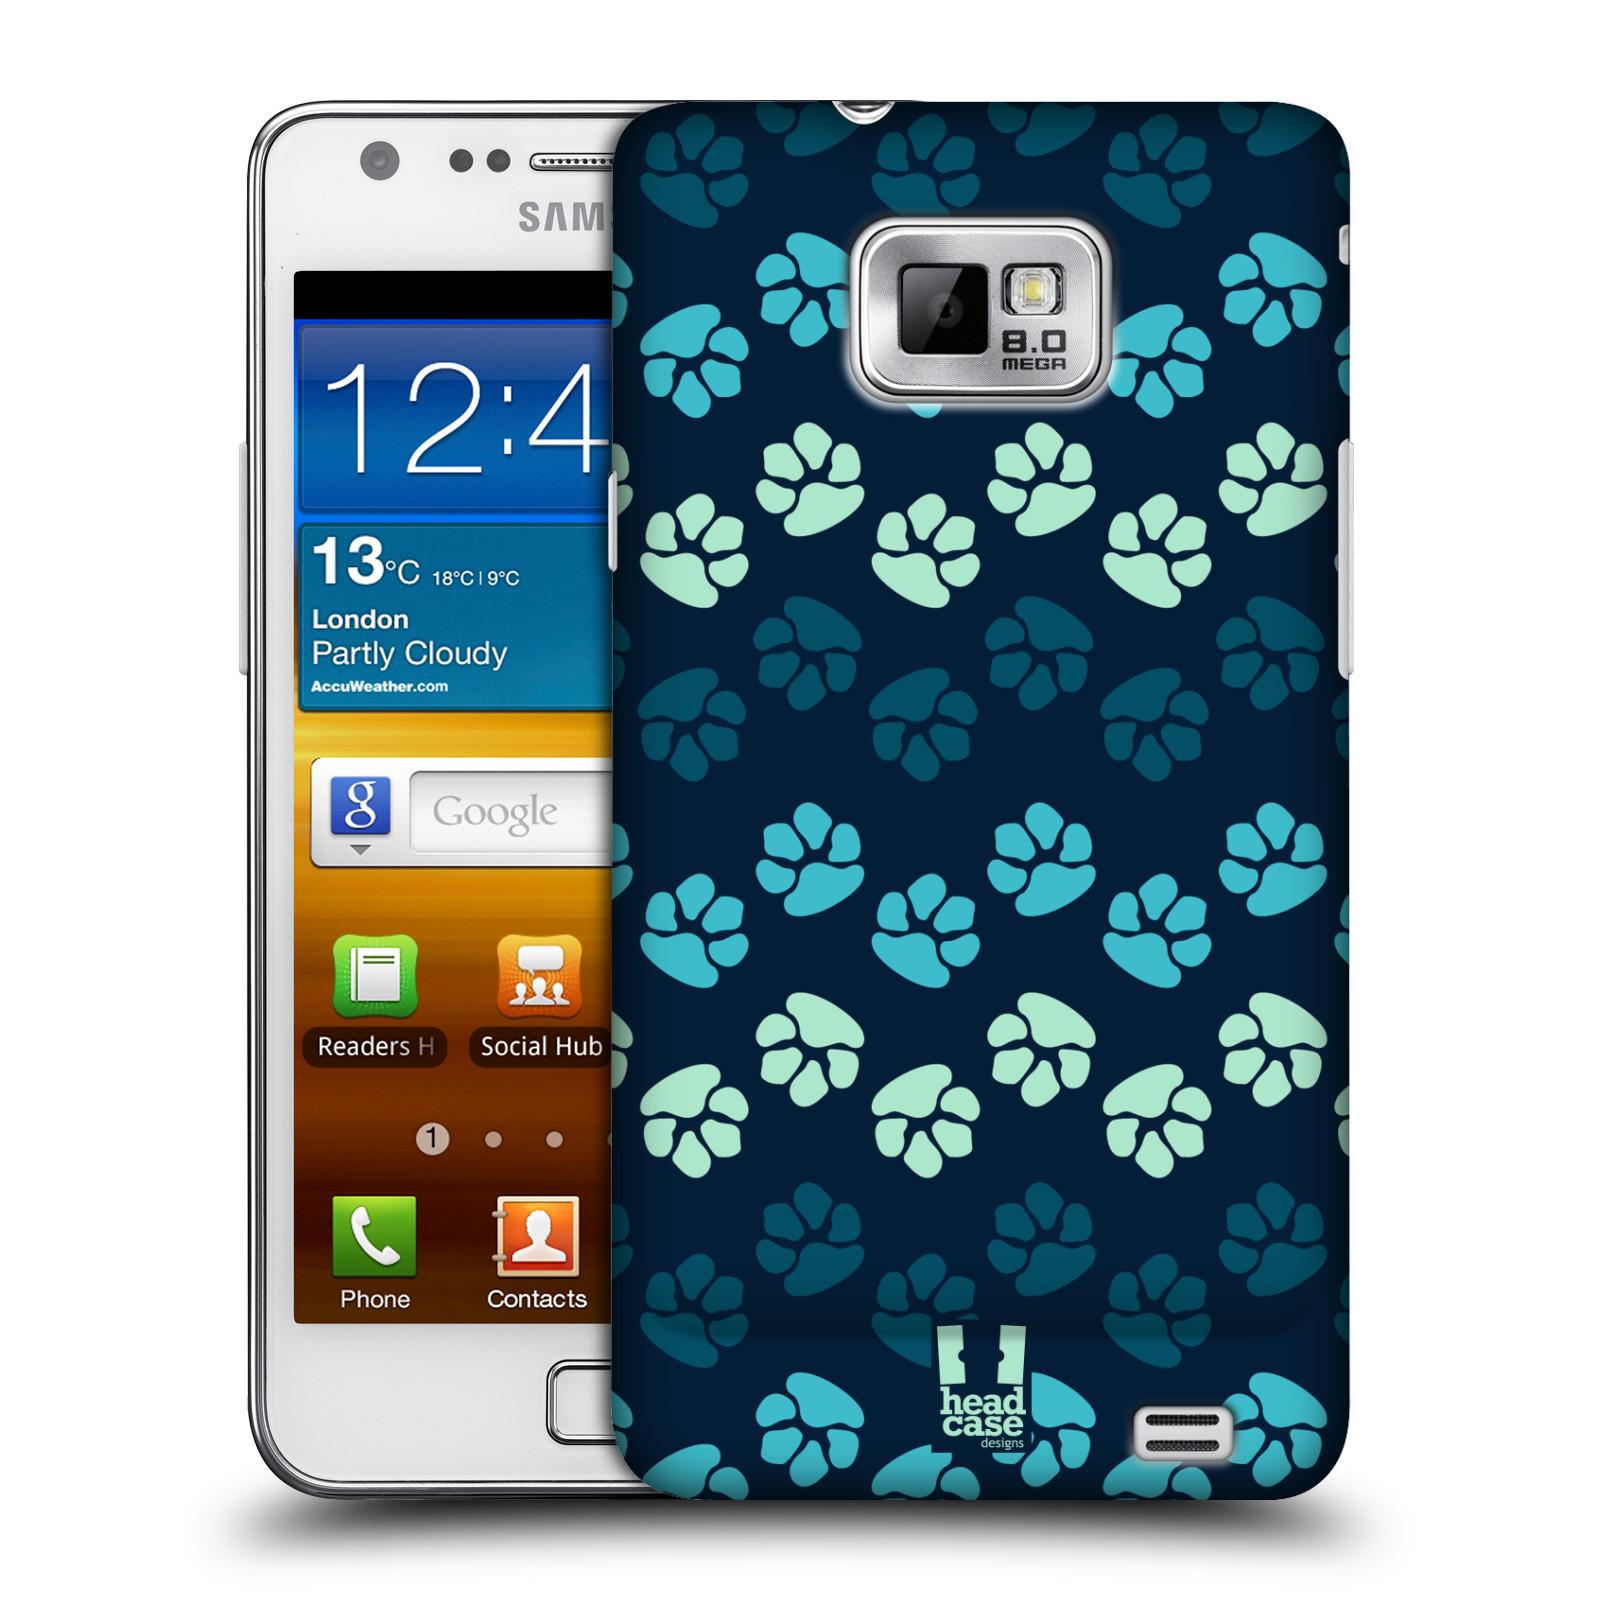 Plastové pouzdro na mobil Samsung Galaxy S II HEAD CASE TLAPKY MODRÉ (Kryt či obal na mobilní telefon Samsung Galaxy S II GT-i9100)